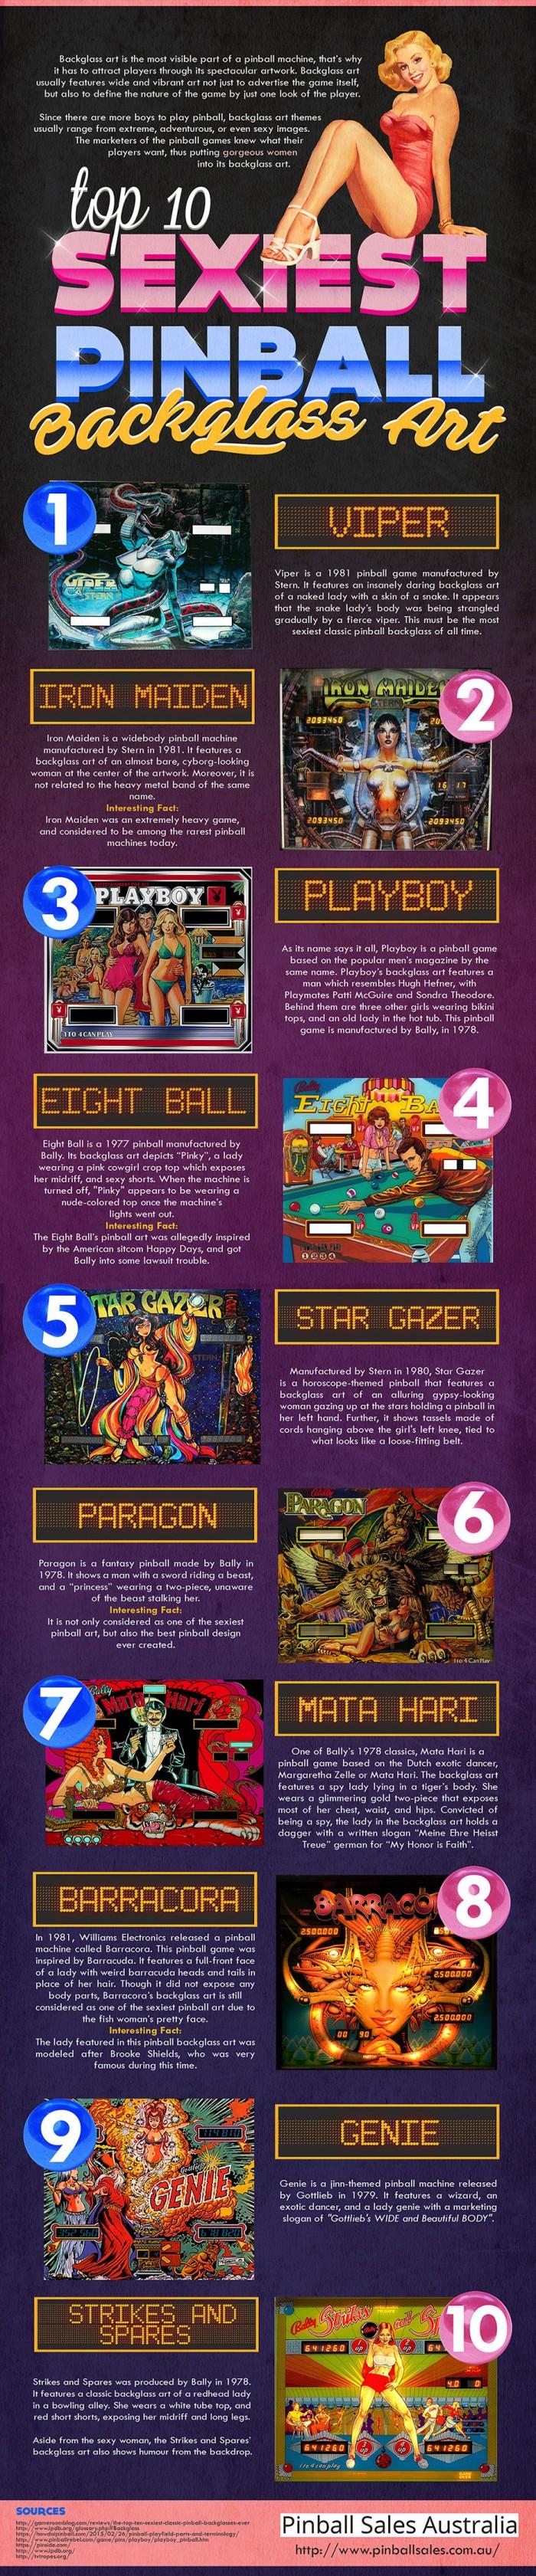 Top 10 Sexiest Pinball Backglass Art #infographic